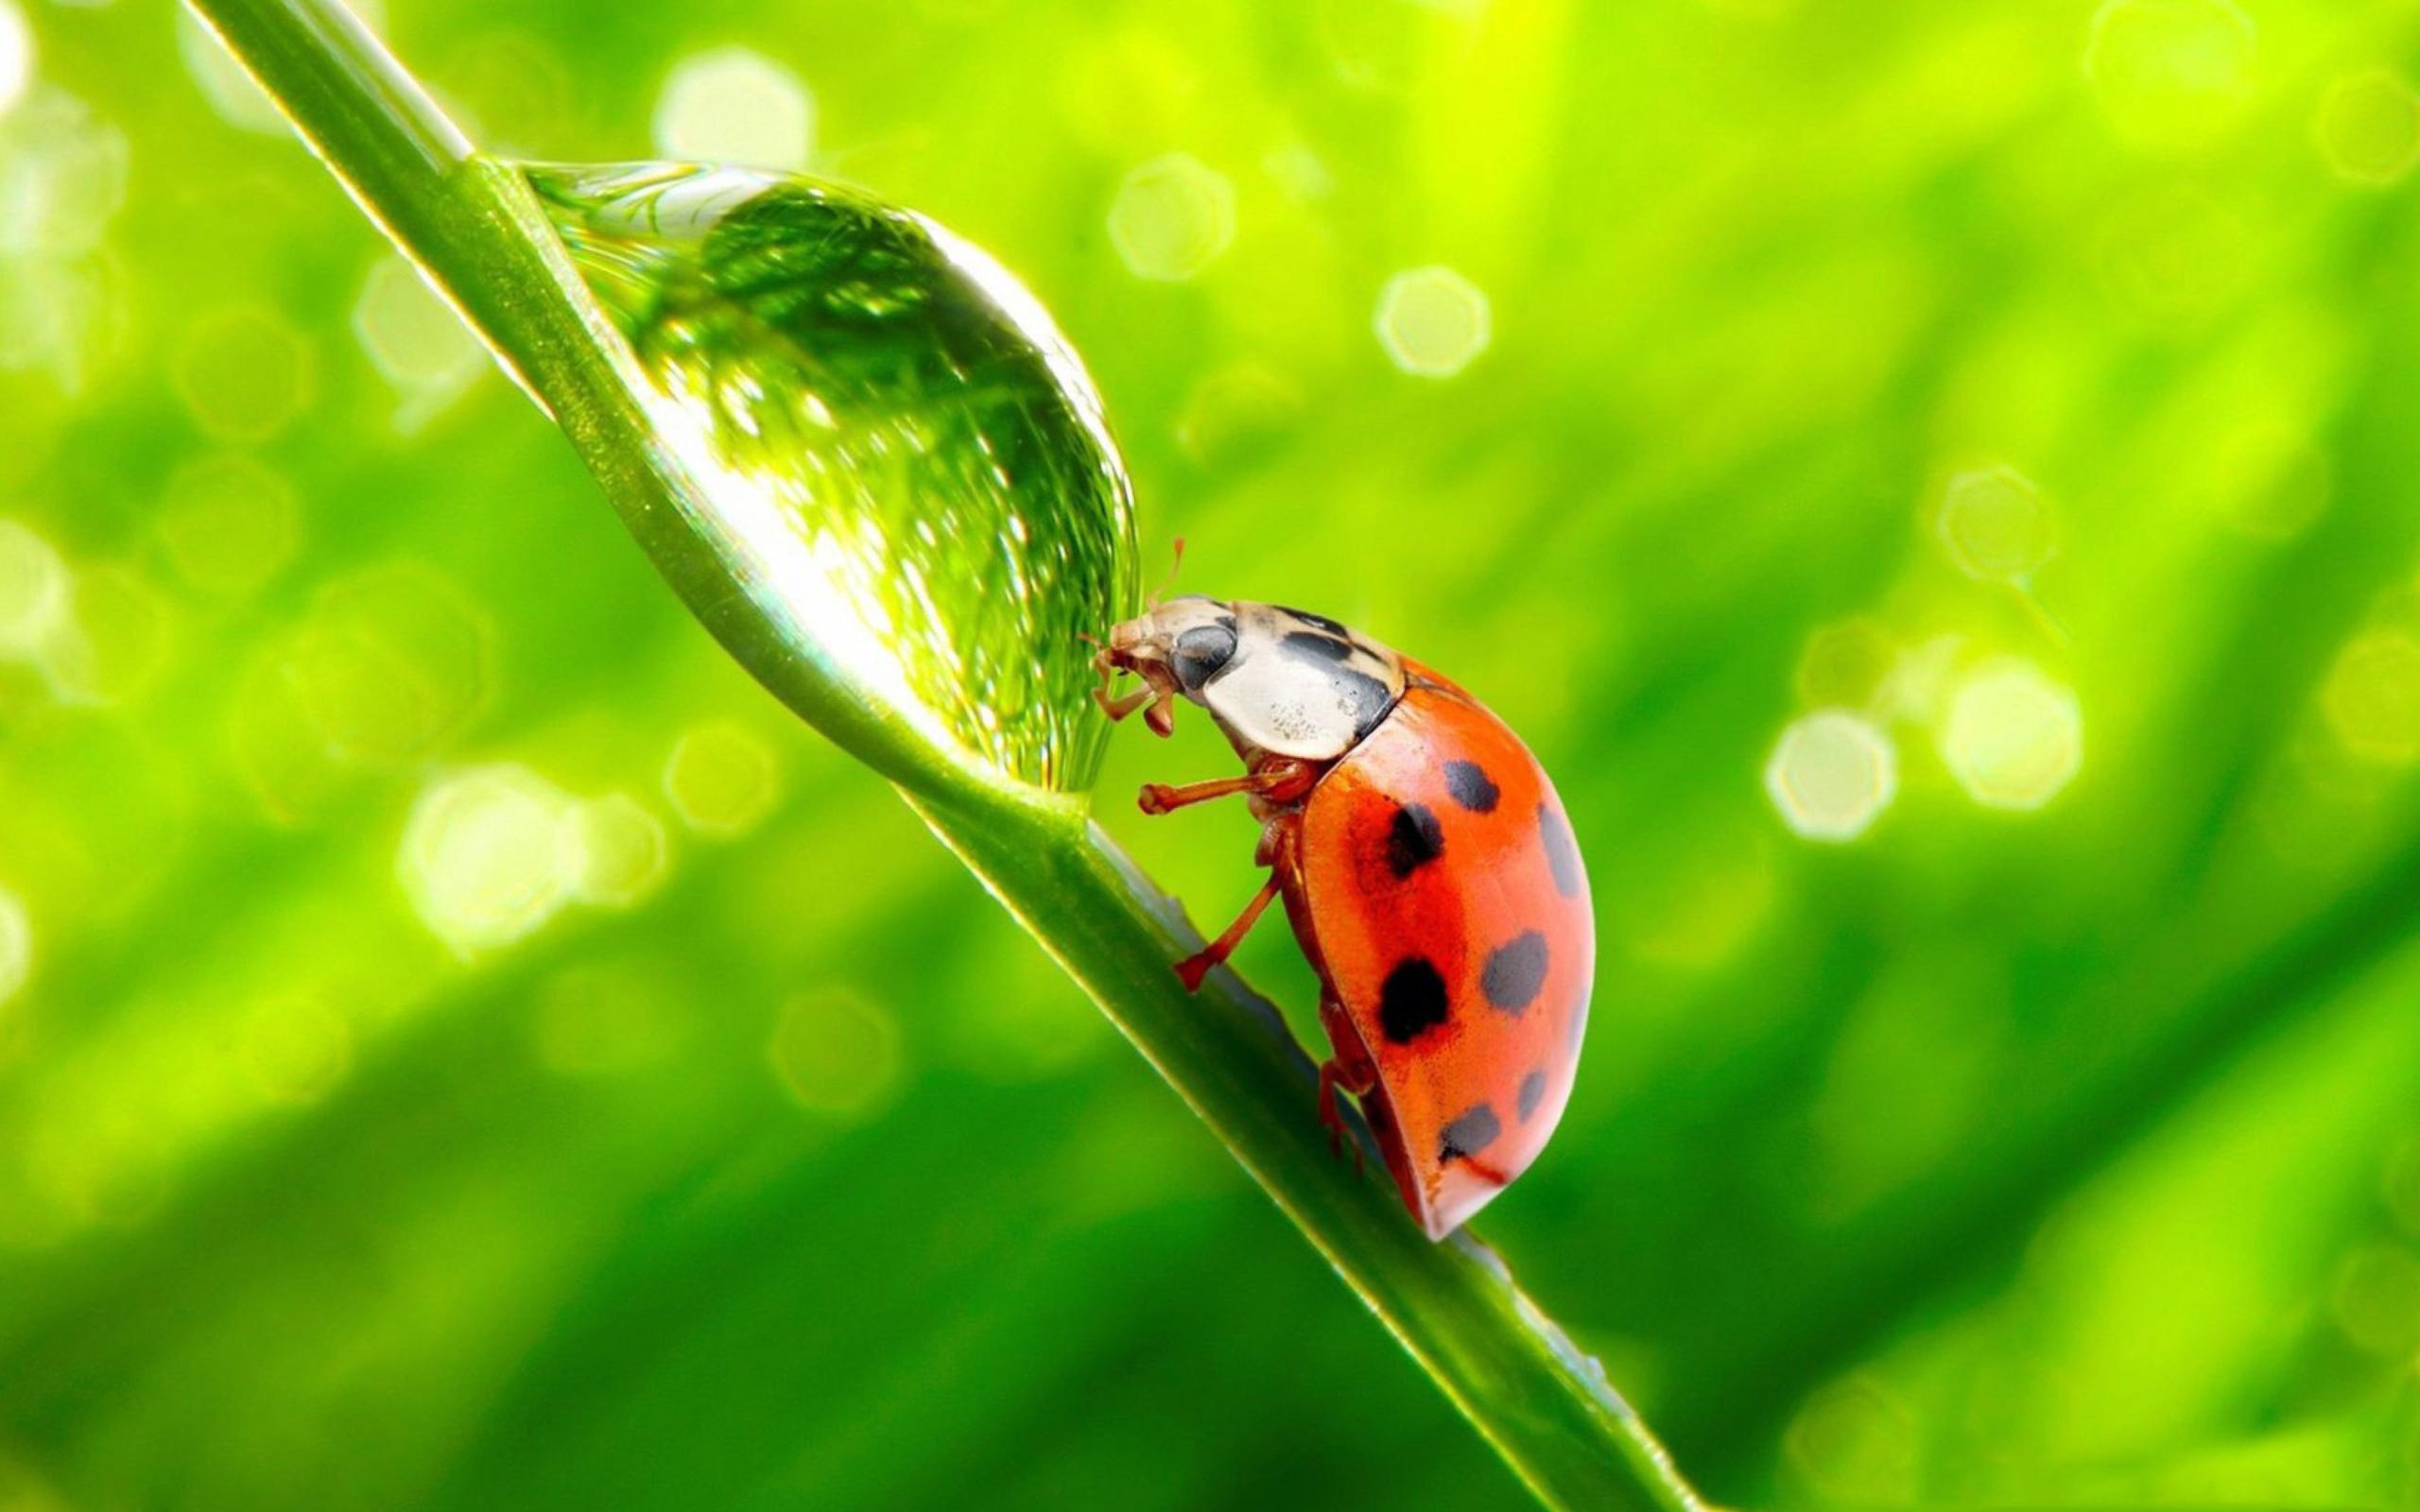 природа насекомое макро божья коровка цветы роса бесплатно